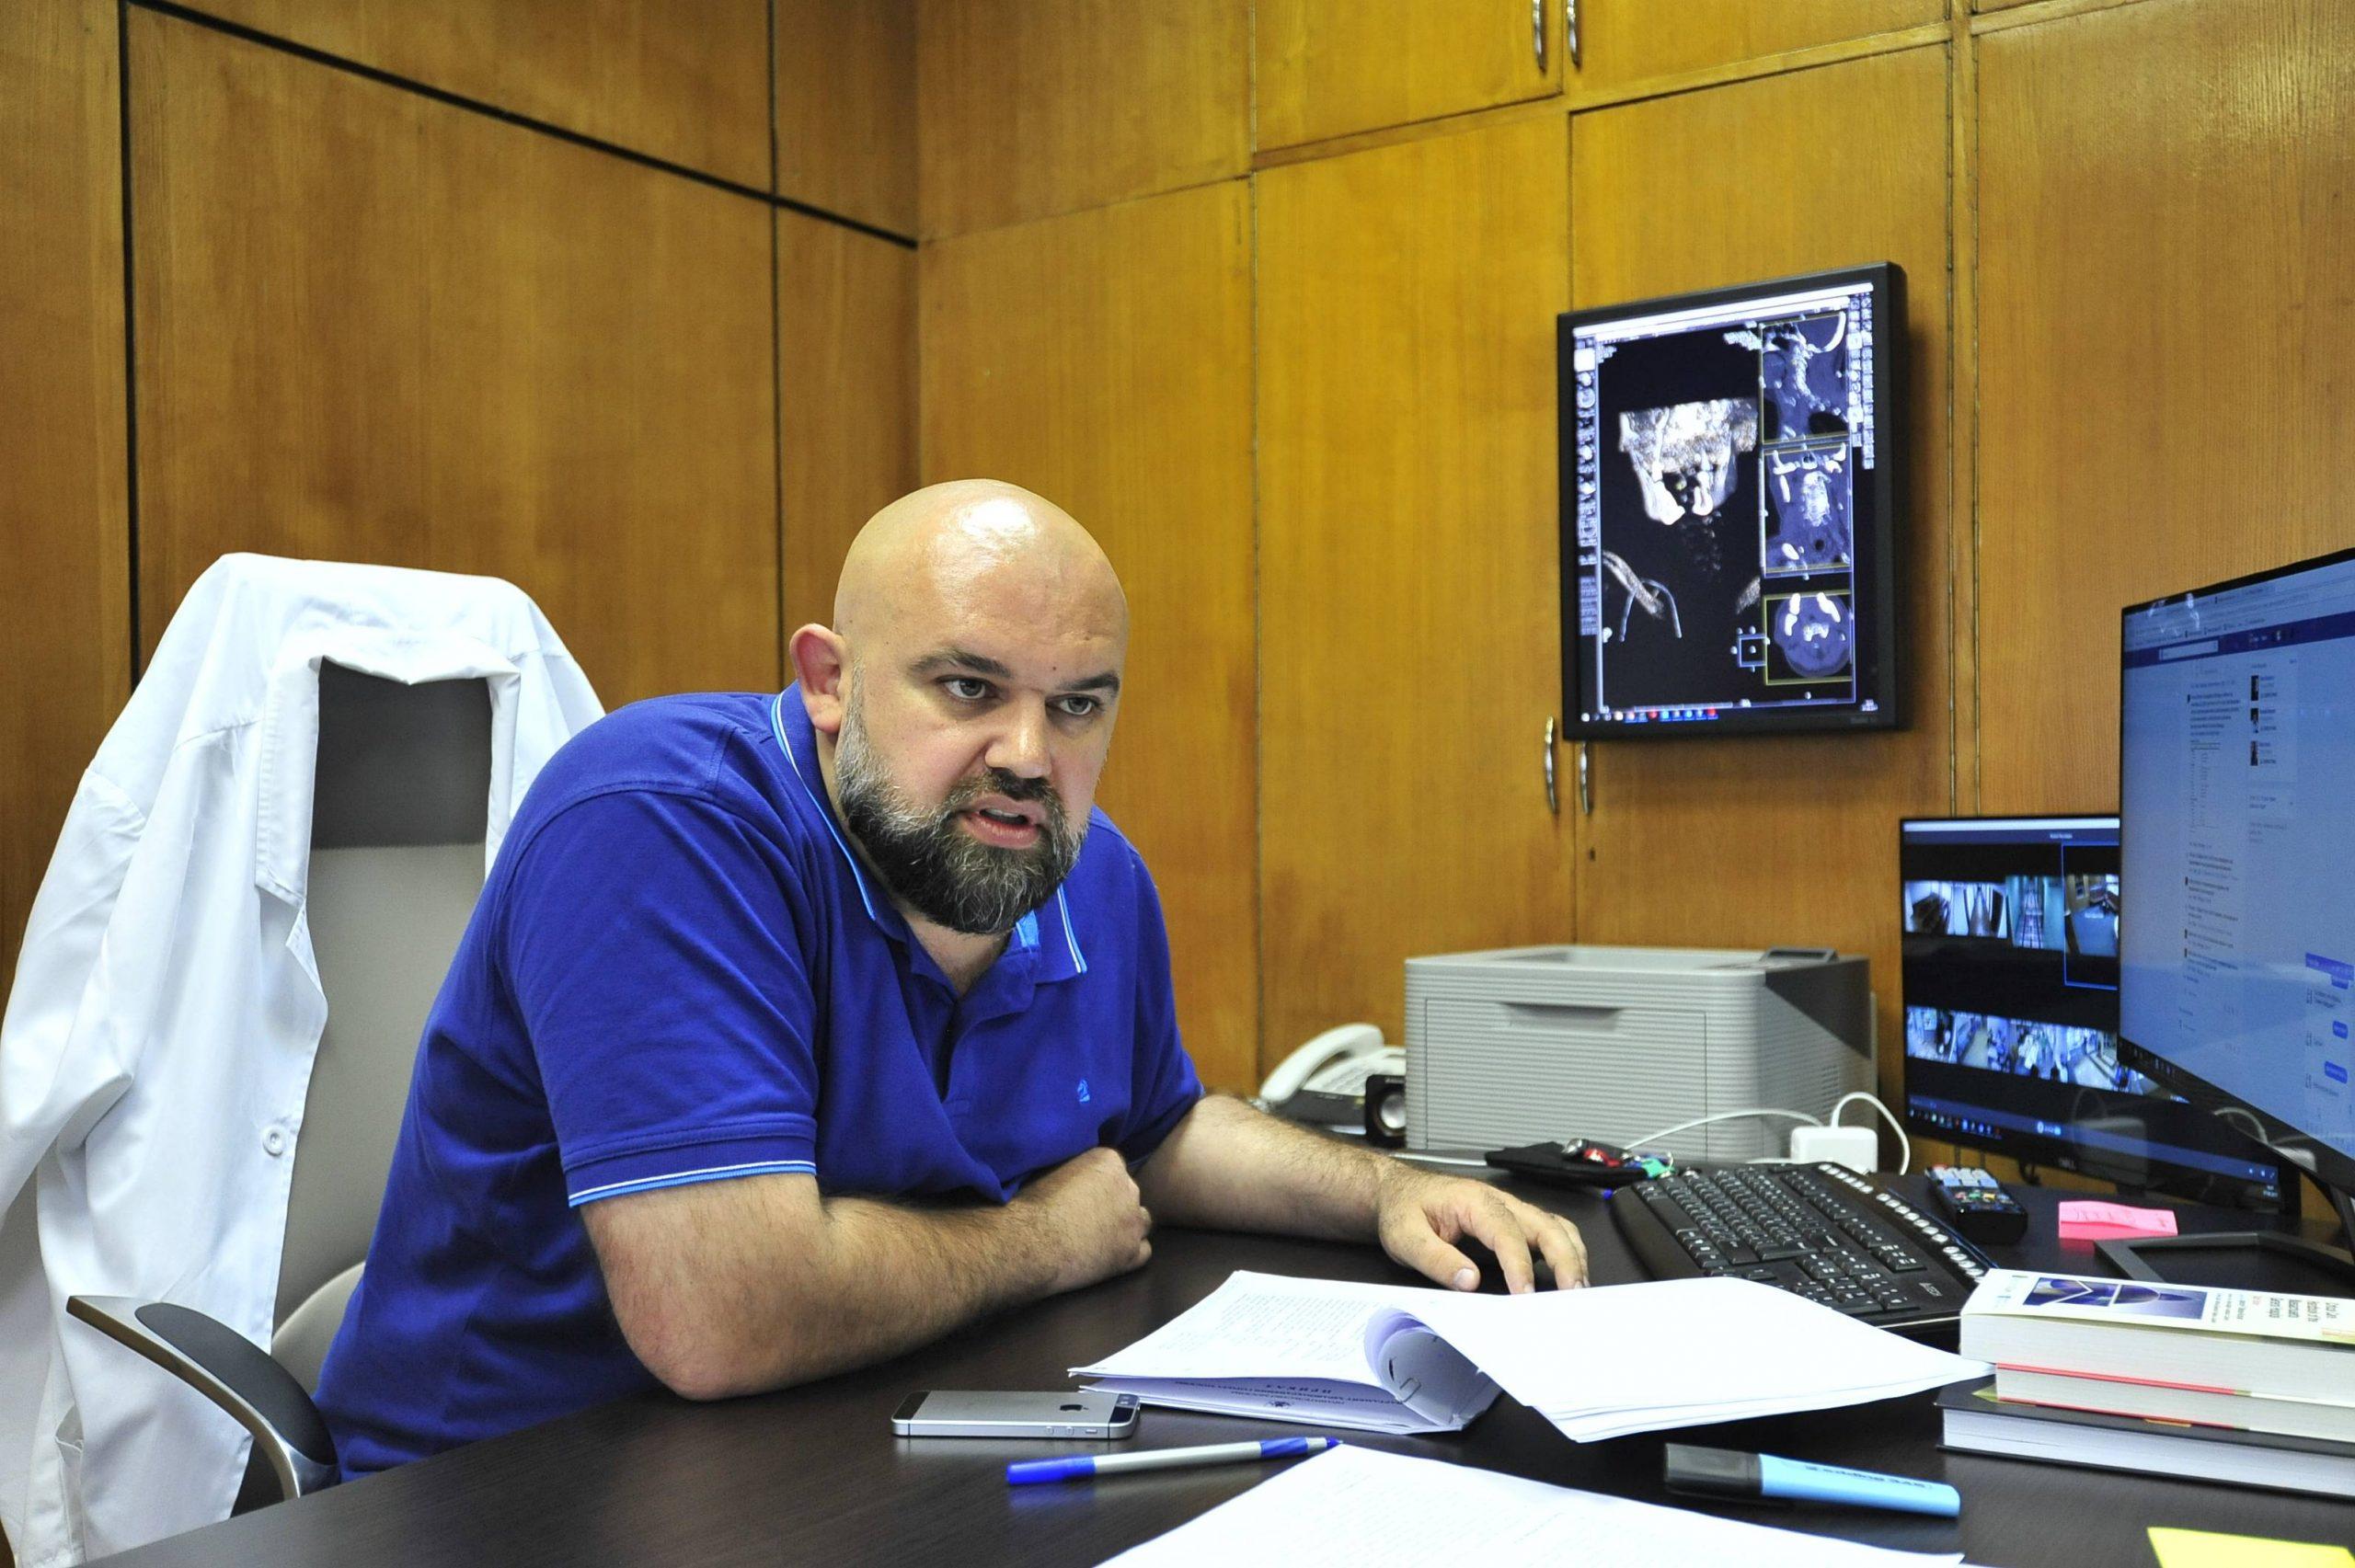 В сентябре возможна новая вспышка COVID-19 – главврач московской больницы